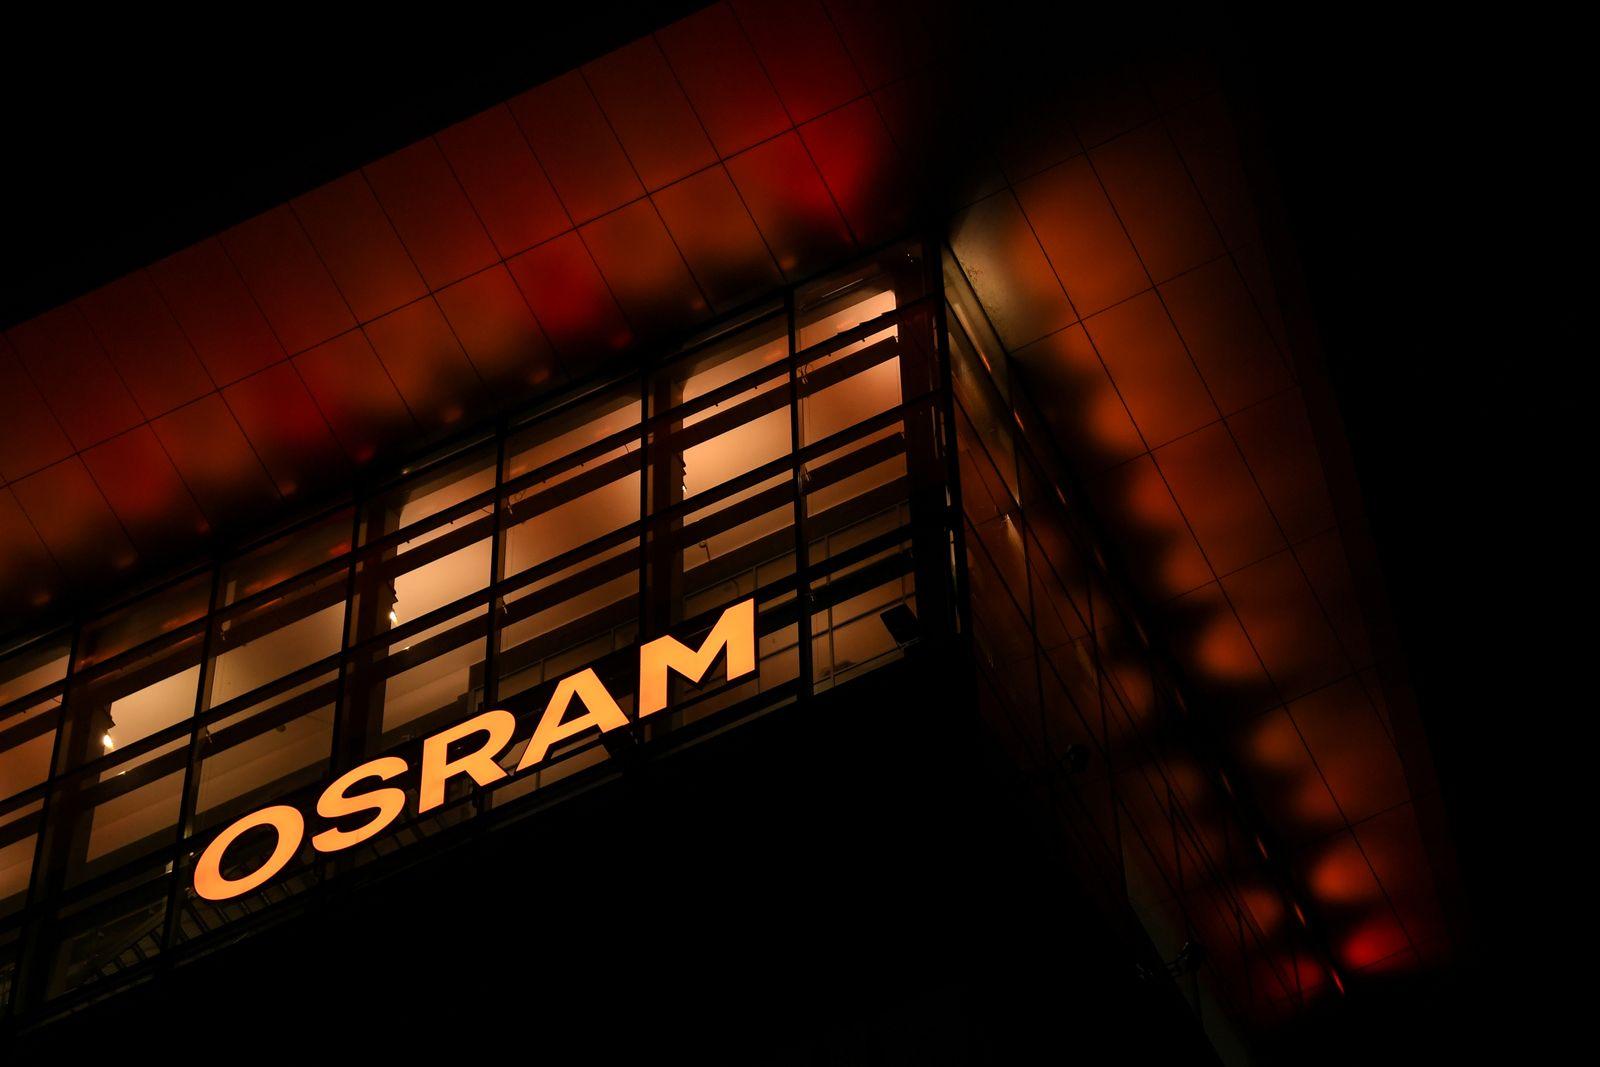 OSRAM-M&A/AMS